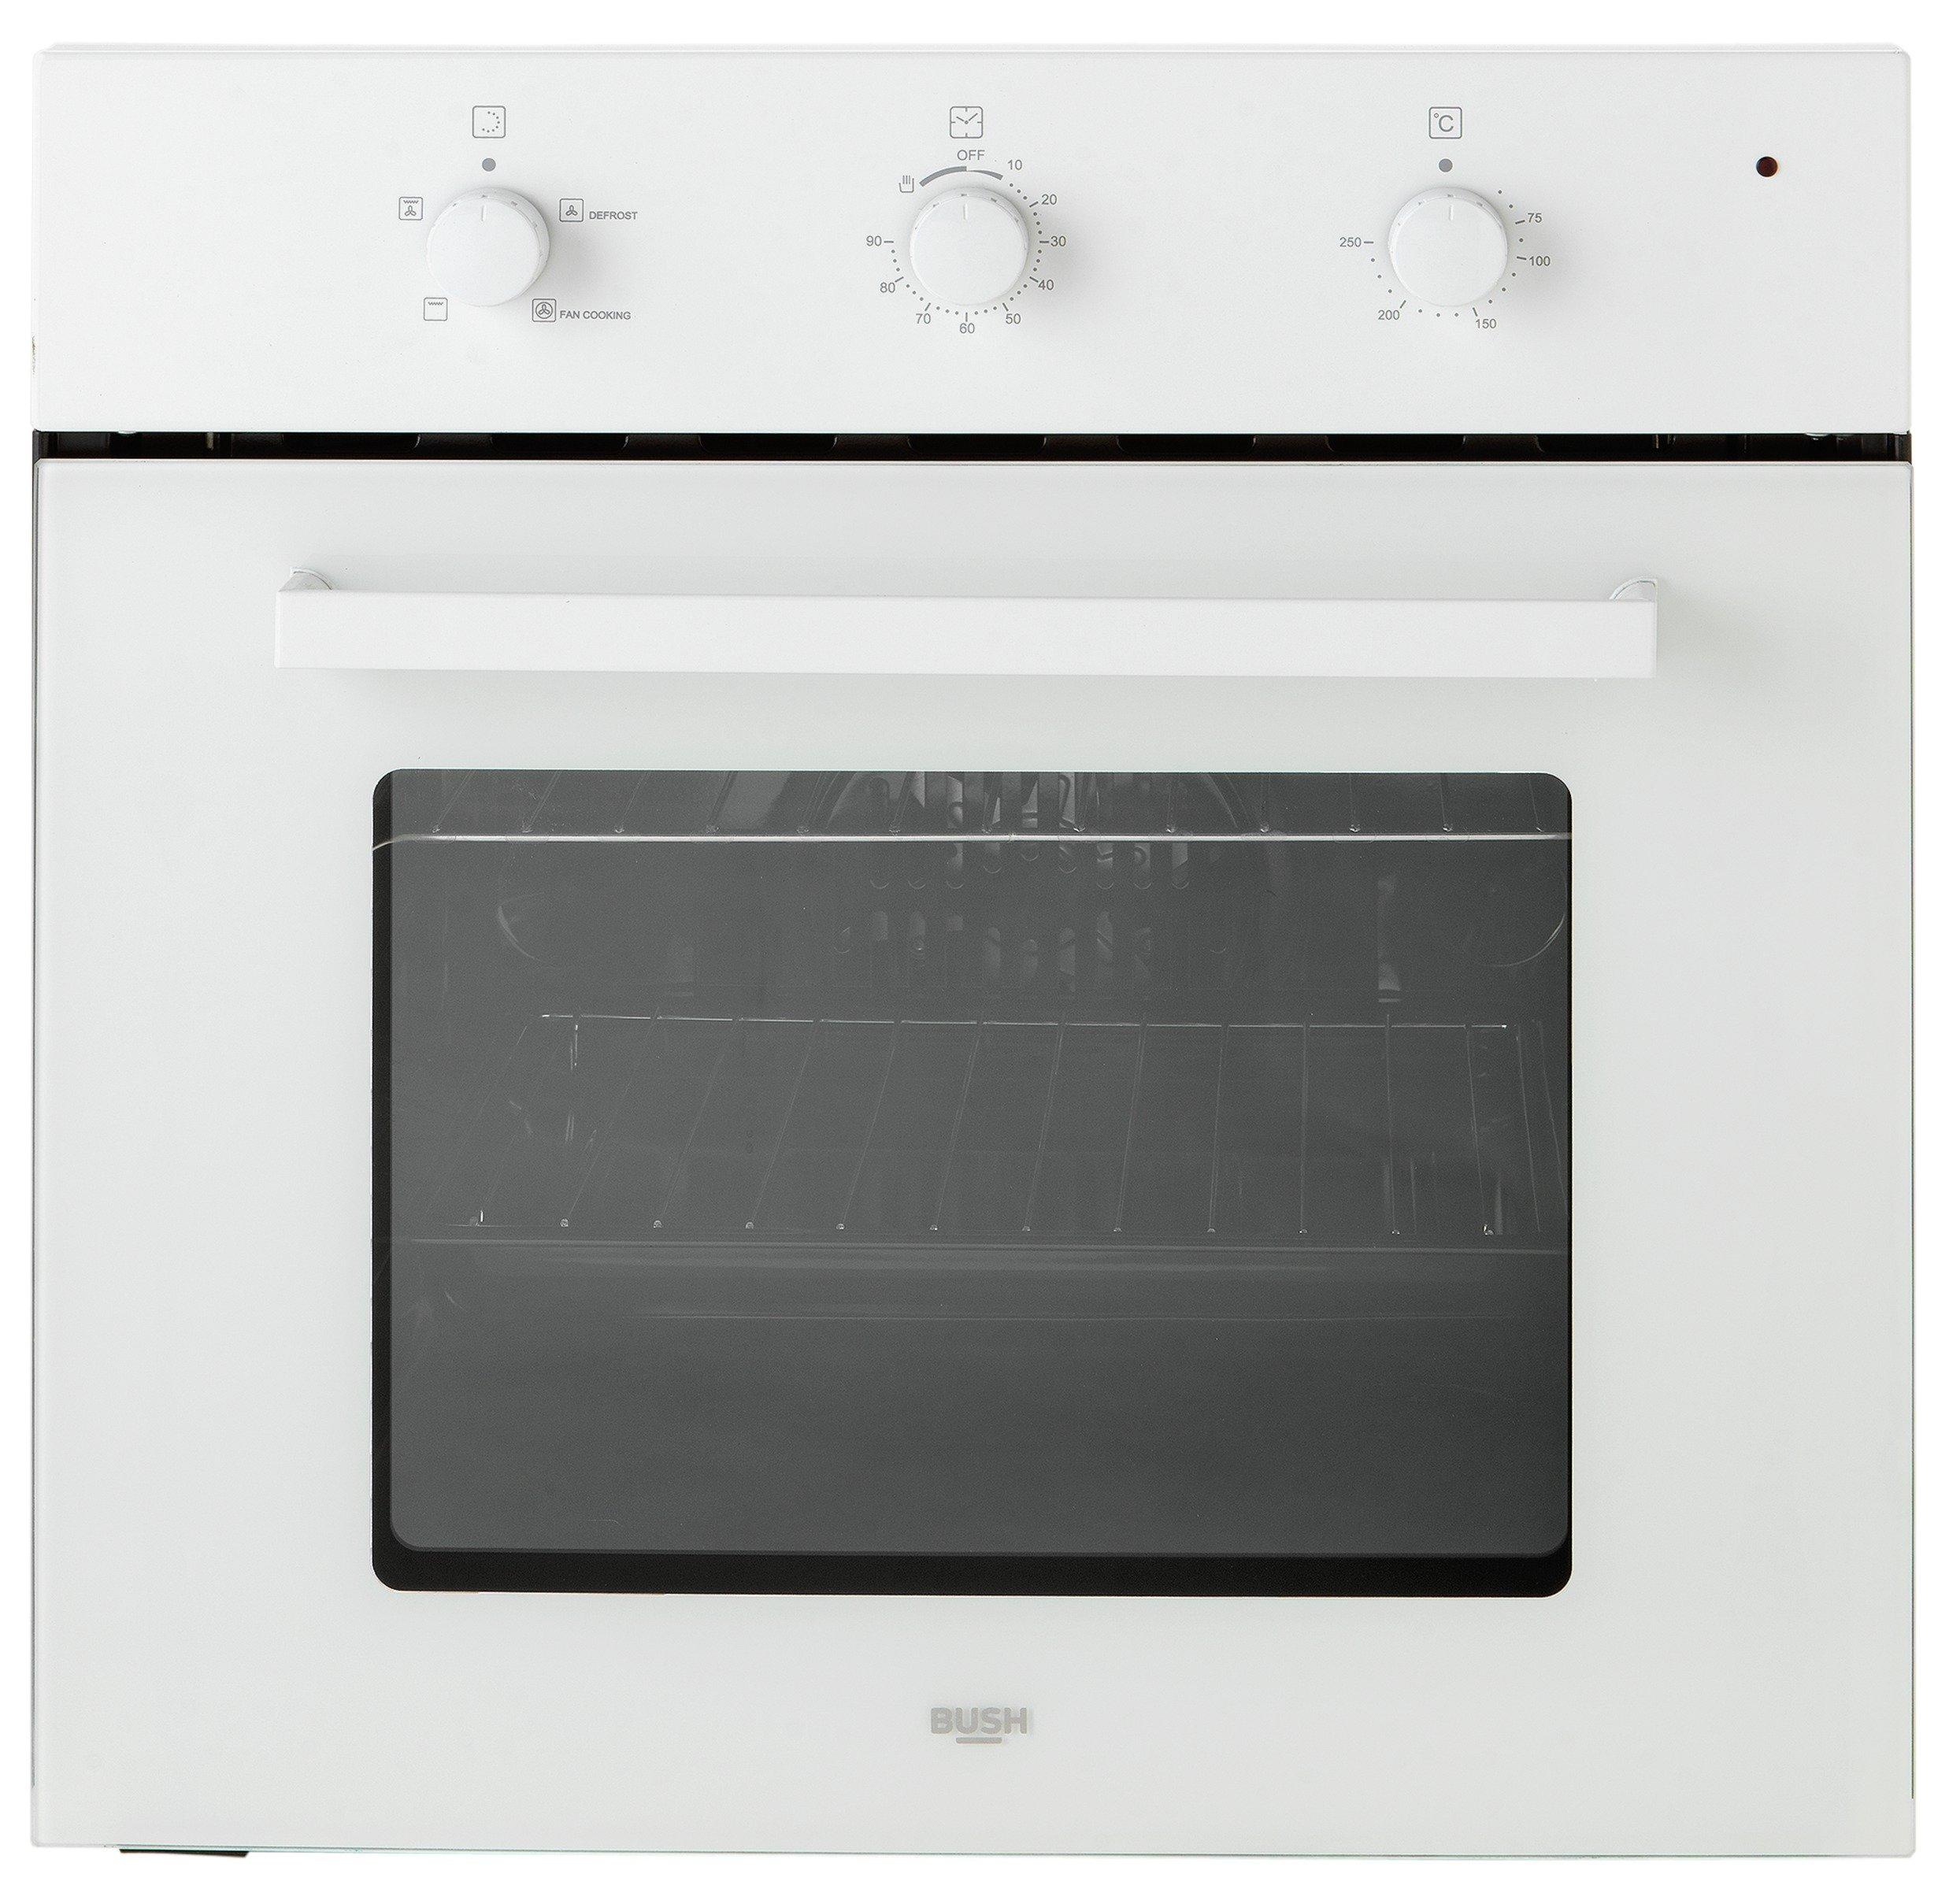 bush bsoef single electric fan oven white